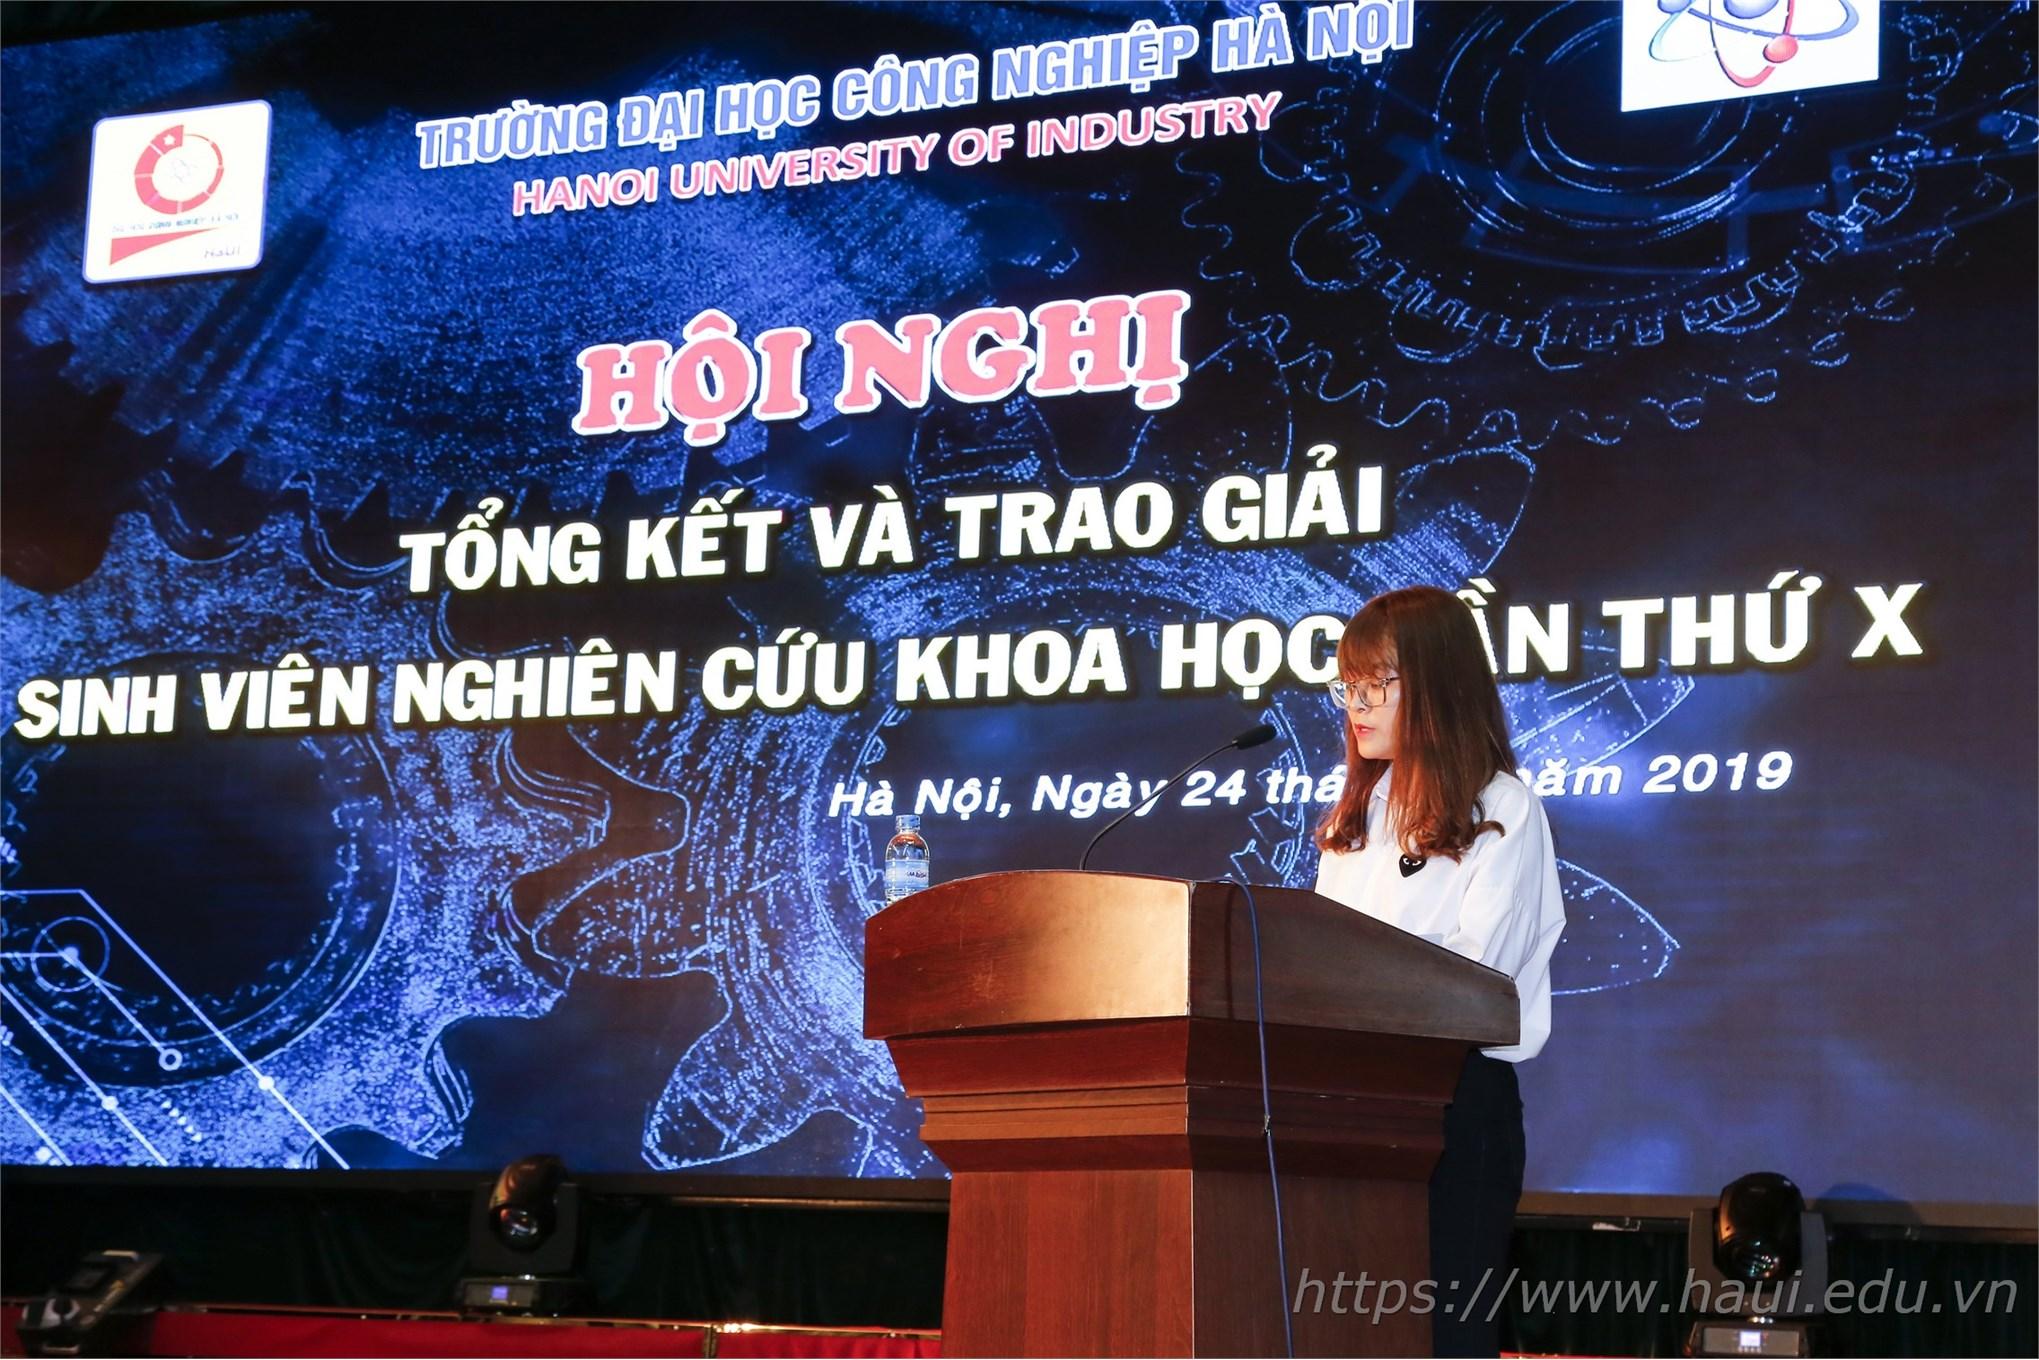 Nữ sinh Vũ Thị Ngọc chia sẻ về kinh nghiệm NCKH của bản thân tại Hội nghị Tổng kết và trao giải Sinh viên NCKH lần thứ X